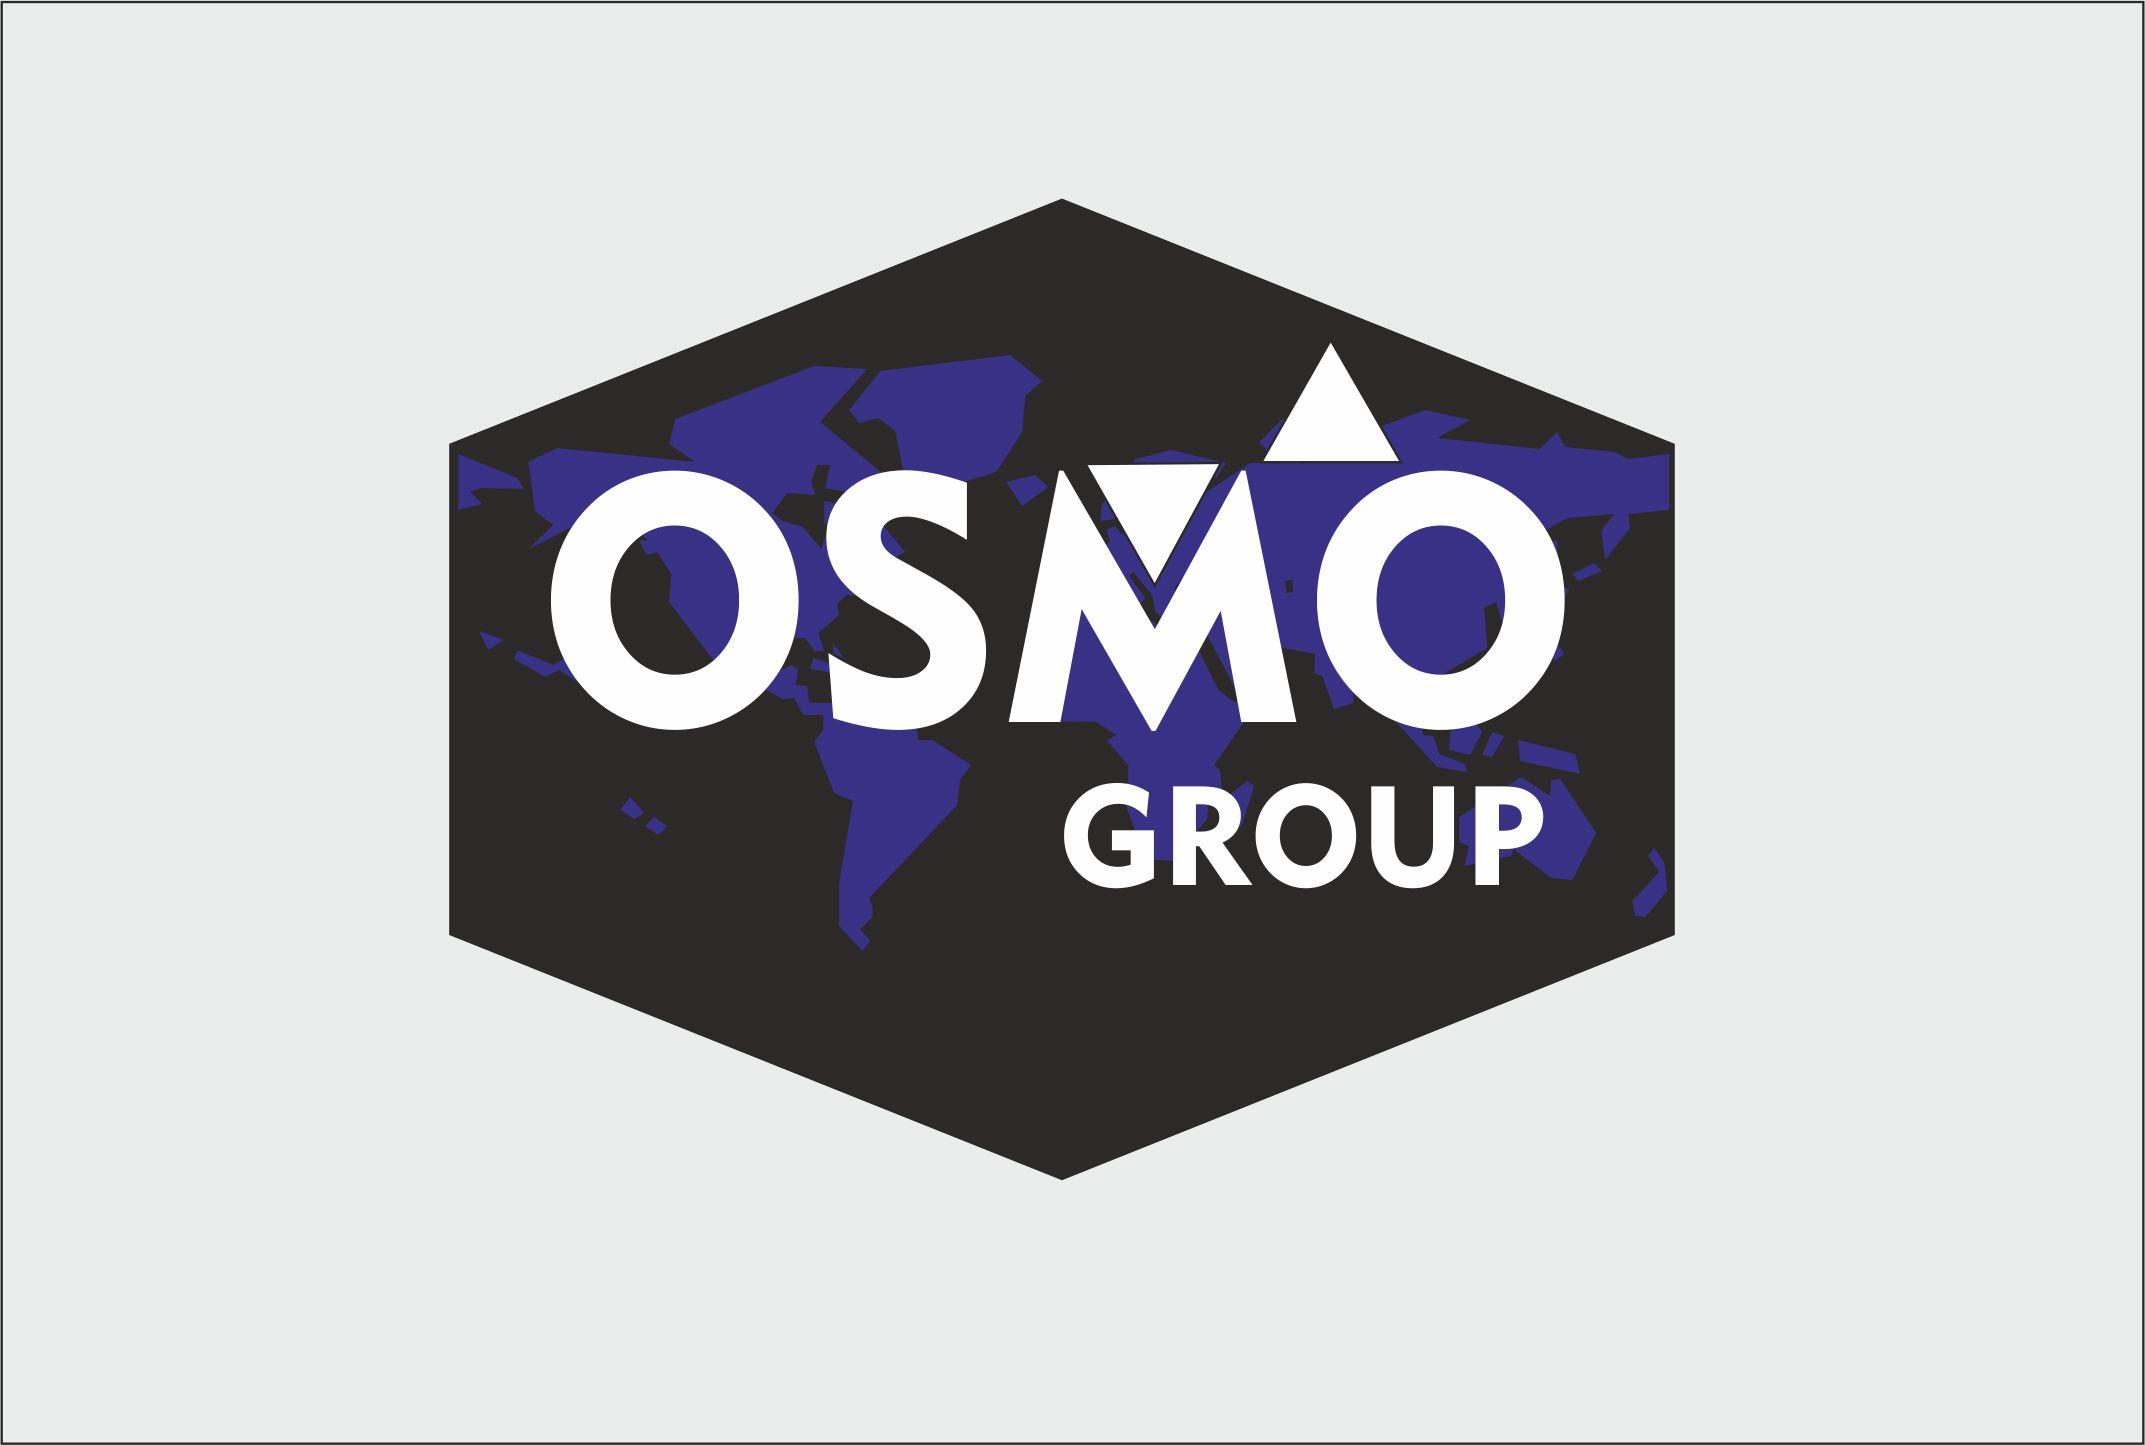 Создание логотипа для строительной компании OSMO group  фото f_28159b692990839c.jpg